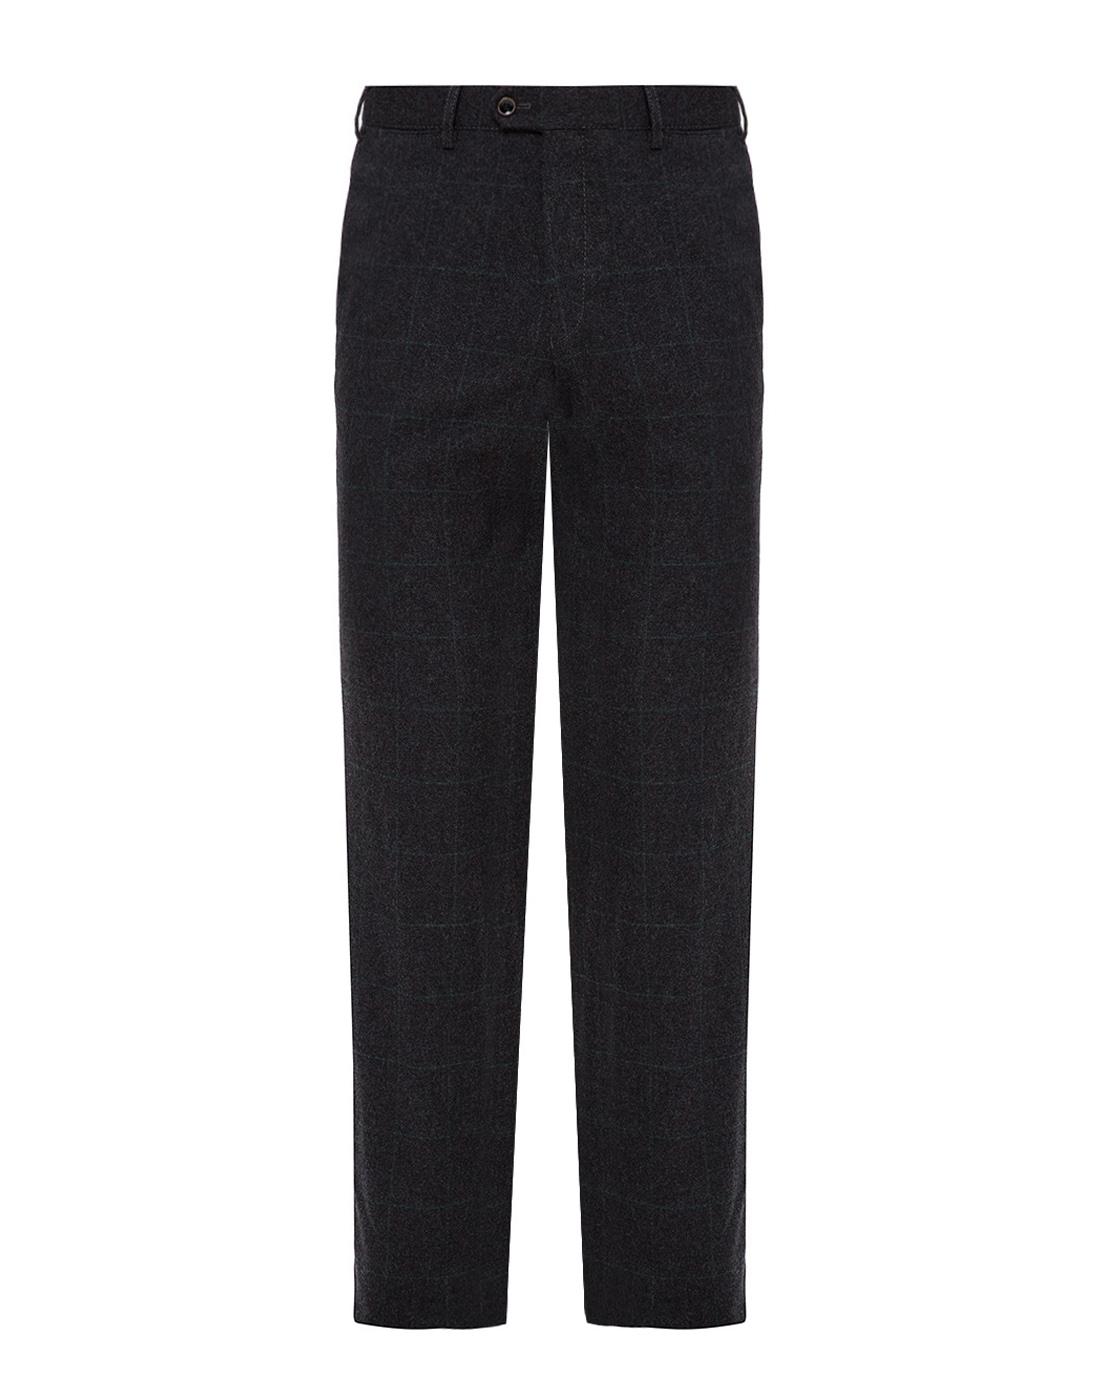 Мужские темно-серые шерстяные брюки в клетку Hiltl  S12331 11 58300-1